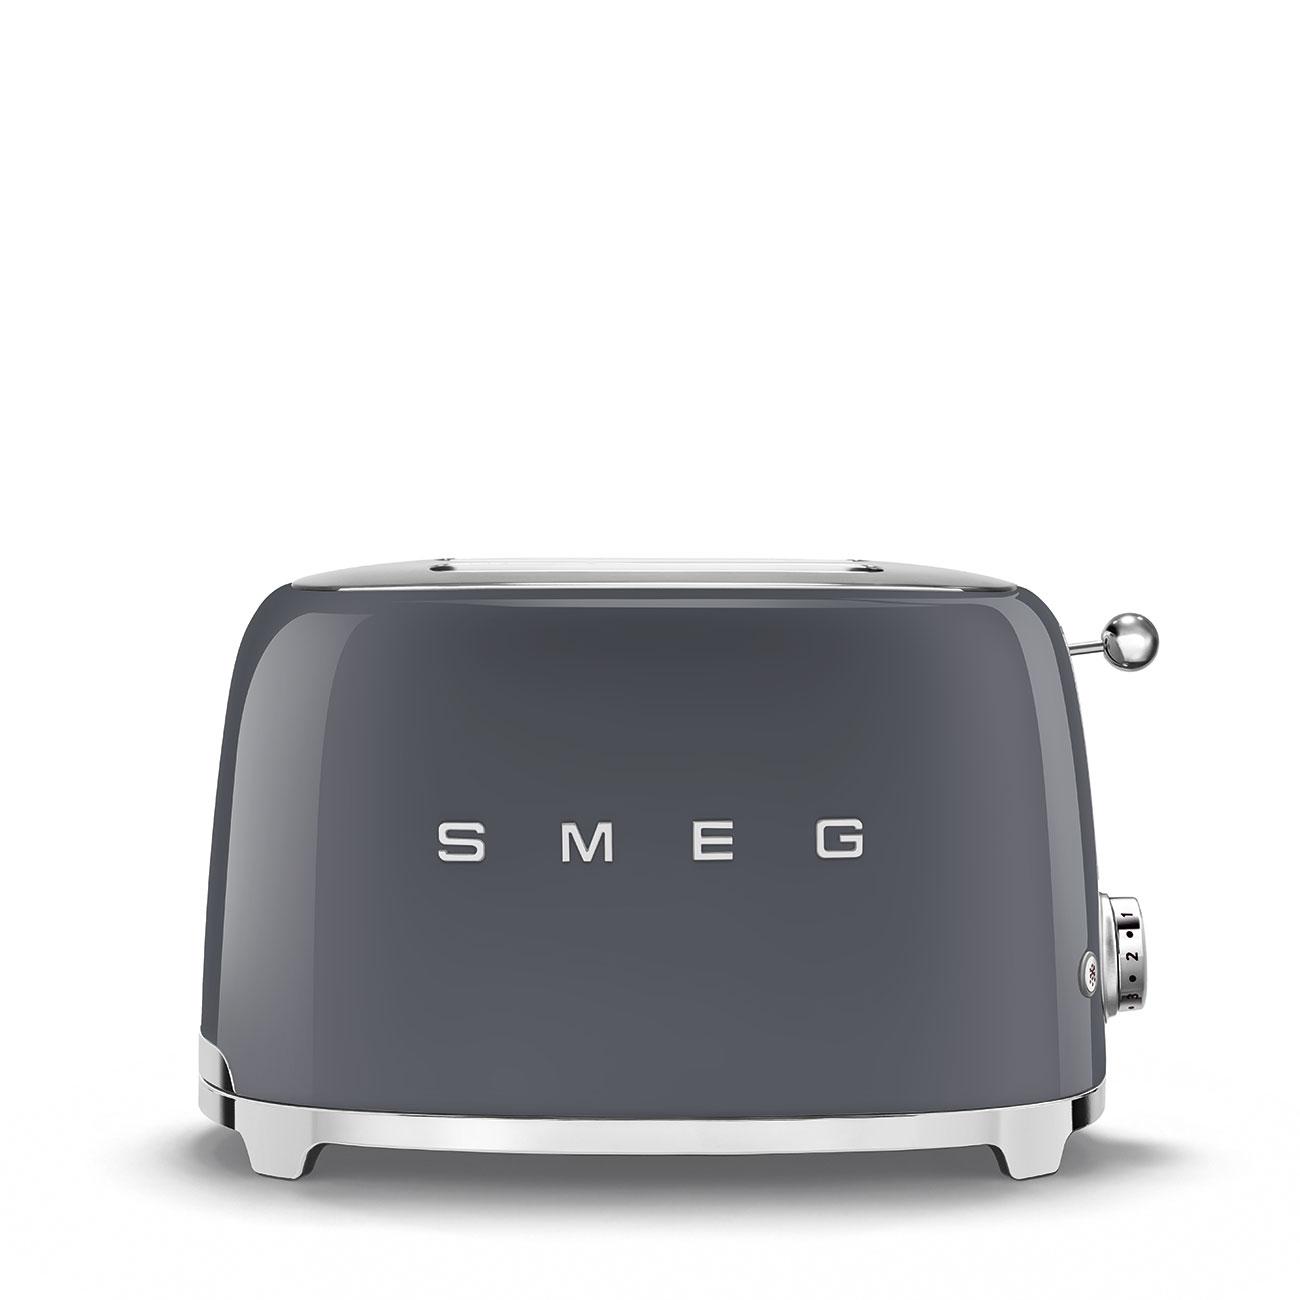 Smeg TSF01GREU Toaster Slate Grey